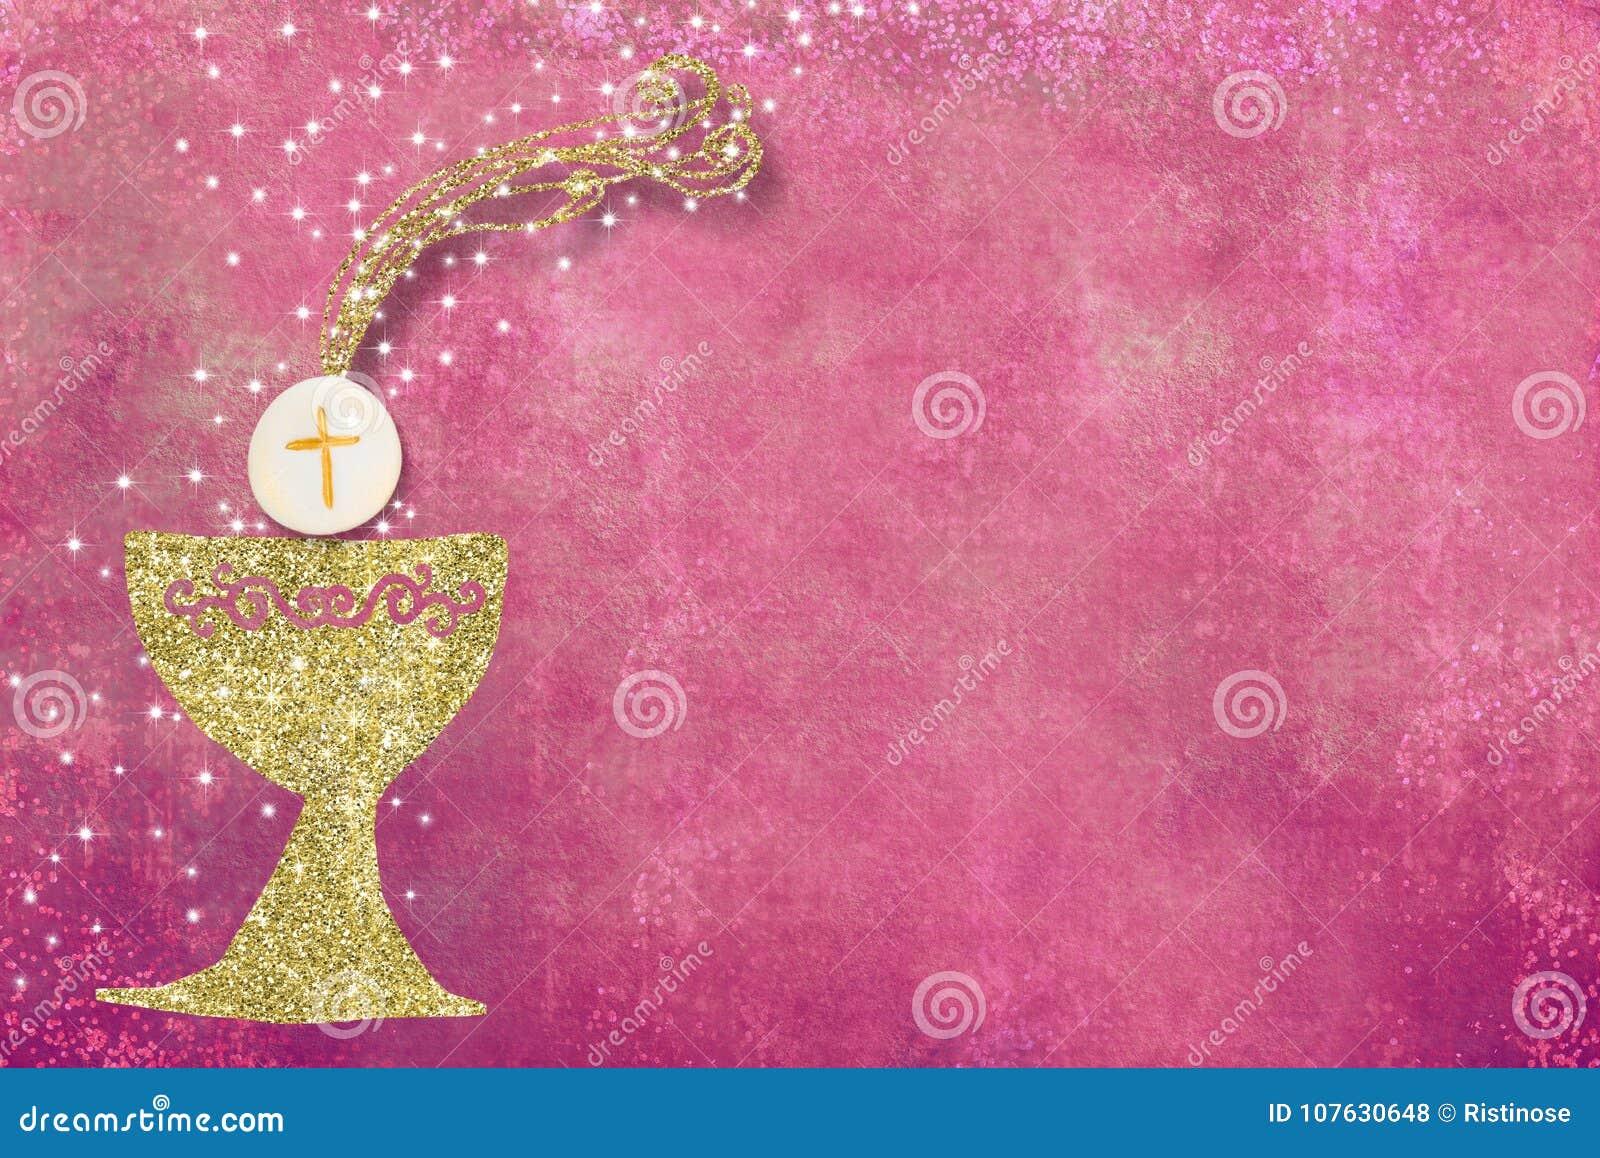 Erster Einladungshintergrund der heiligen Kommunion